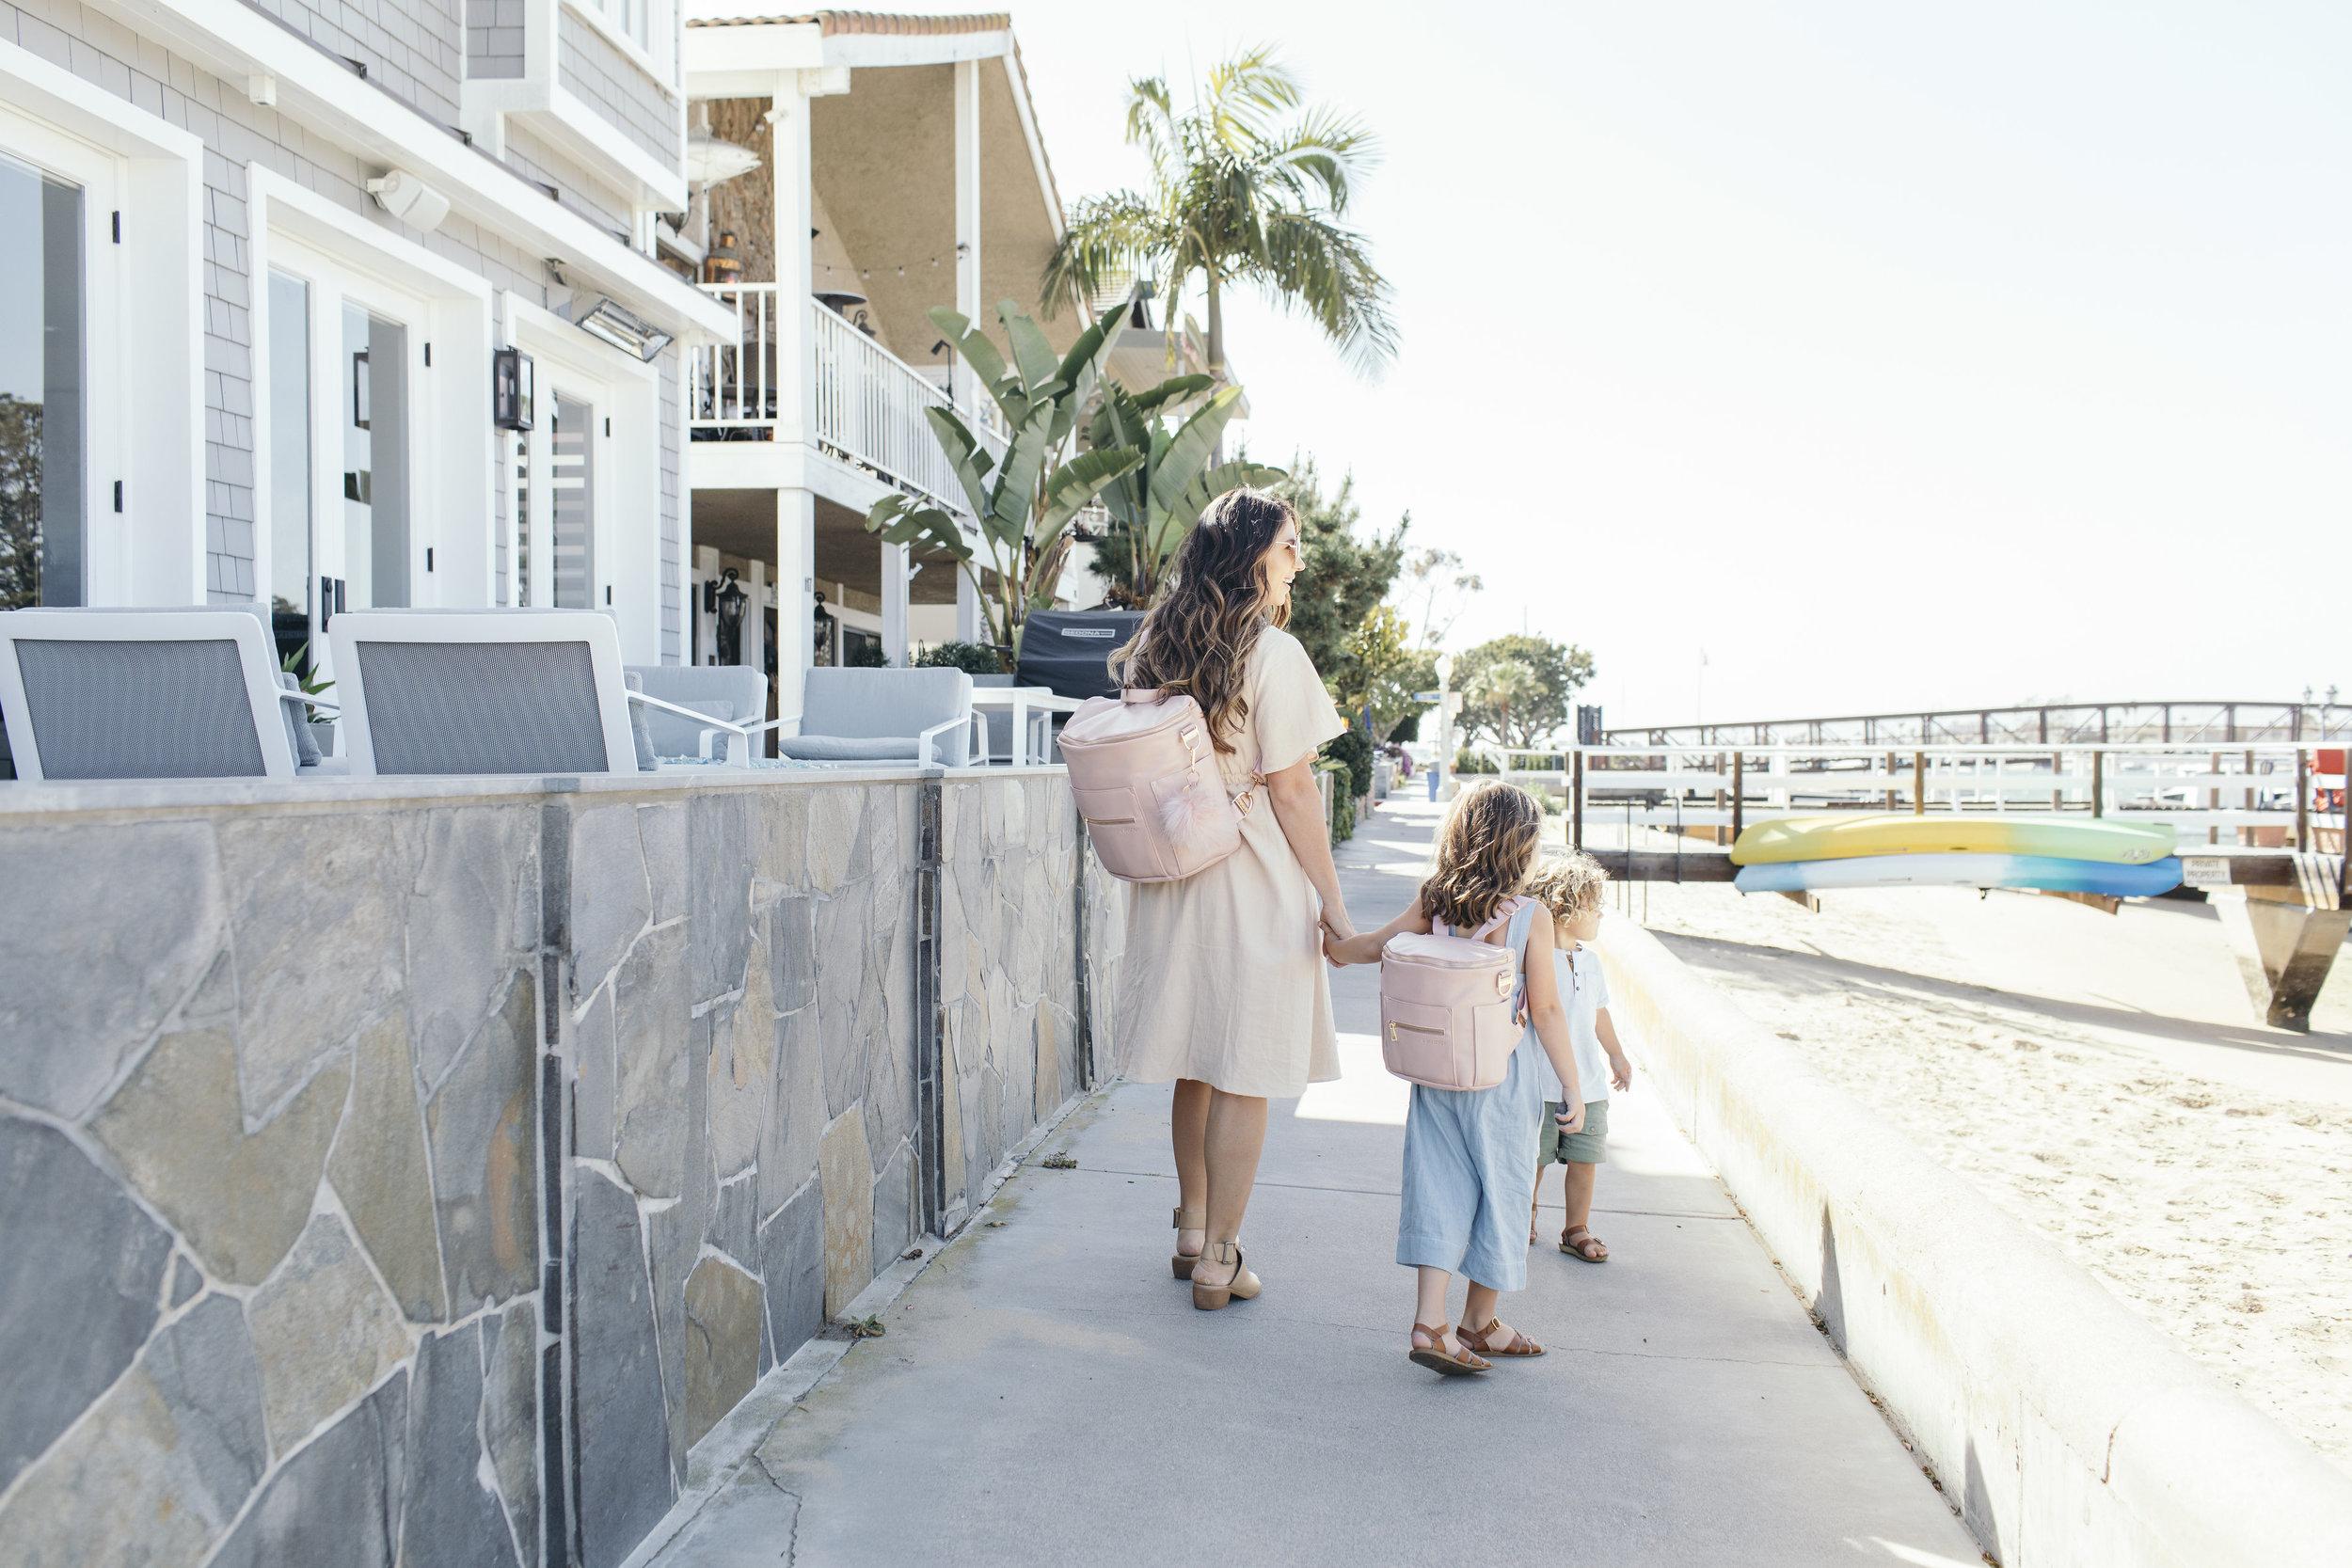 mommy style balboa island